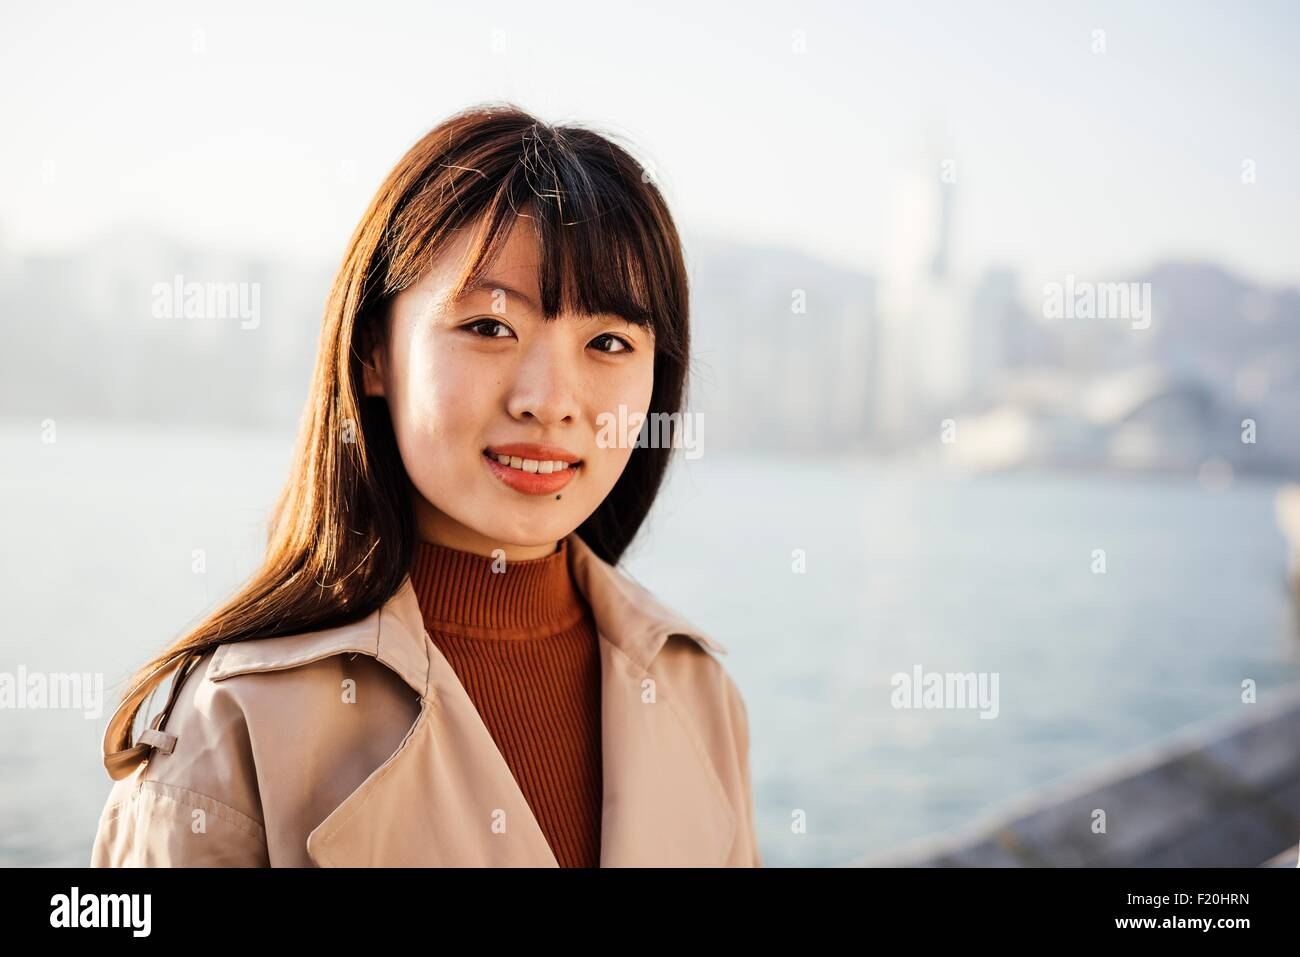 Portrait de jeune femme avec de longs cheveux en face de l'eau à la caméra à smiling Photo Stock